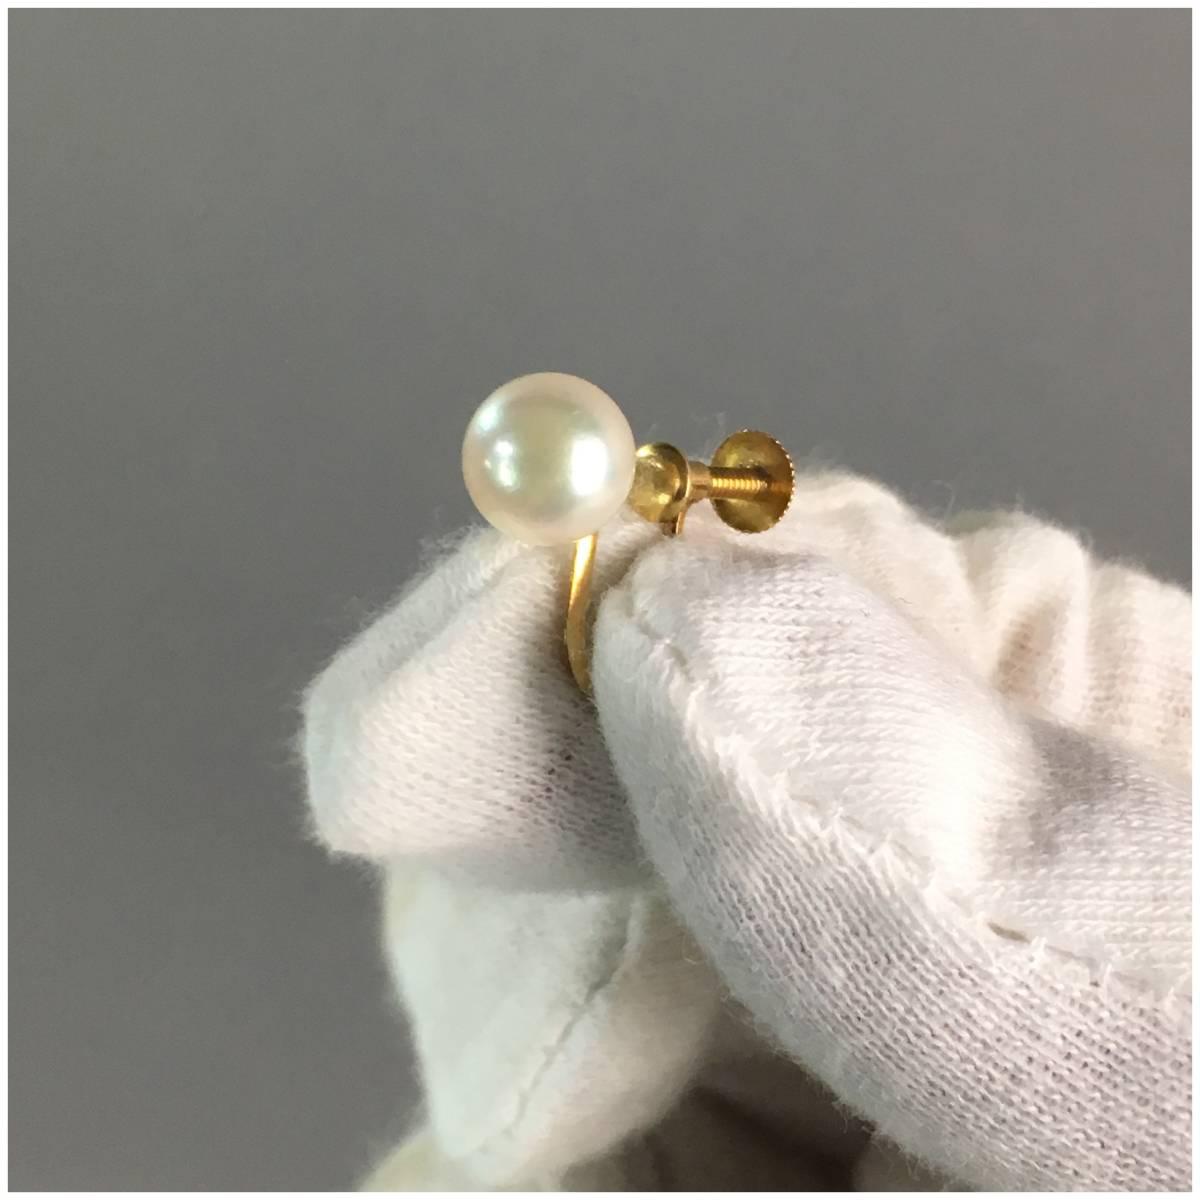 パール イヤリング 真珠 金具K18 18金製 重量2g 少しピンク色_画像6